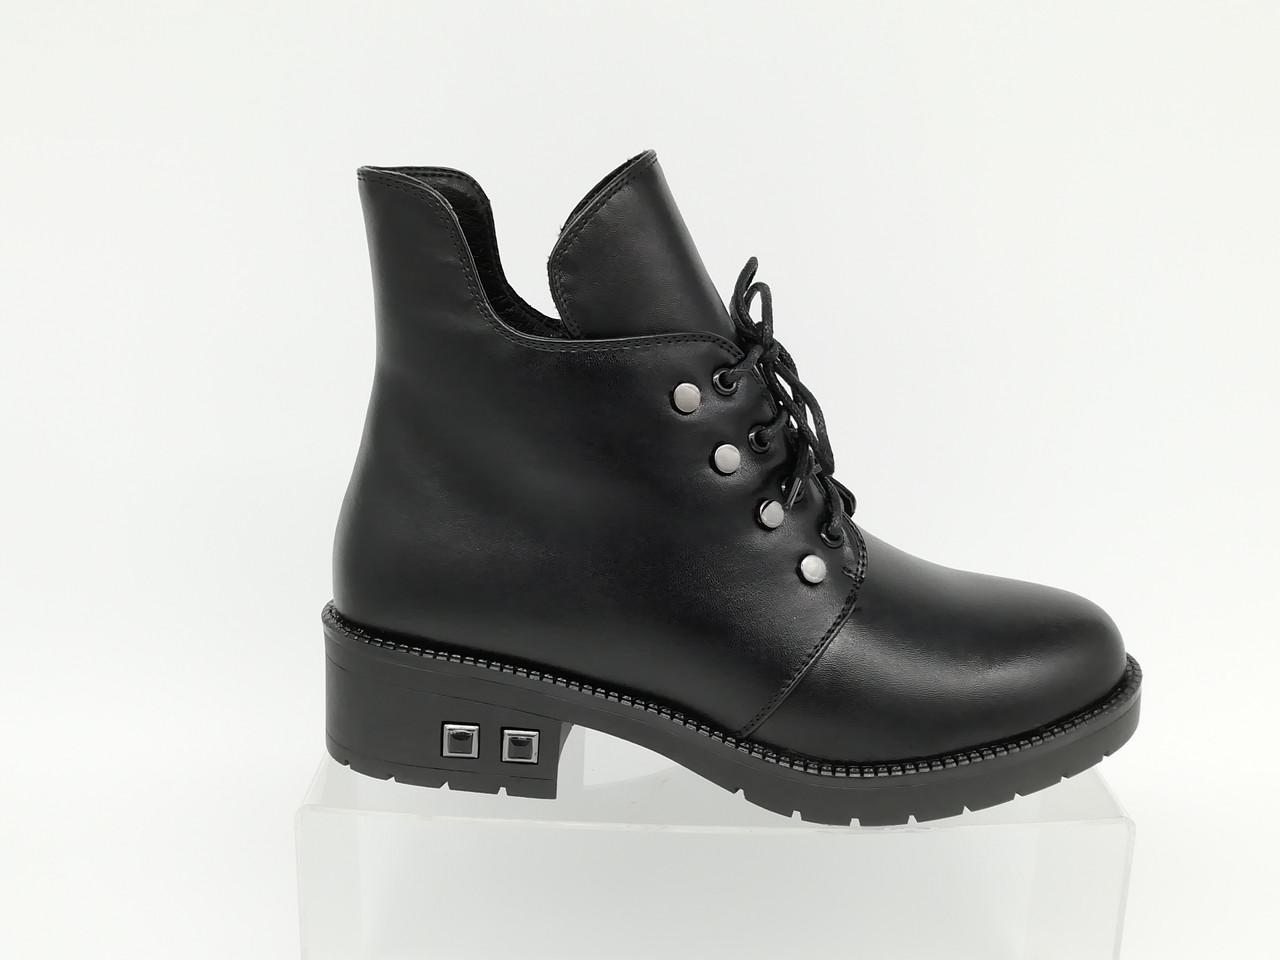 Ботиночки  на низком каблуке. Маленькие размеры ( 33 - 35 ).